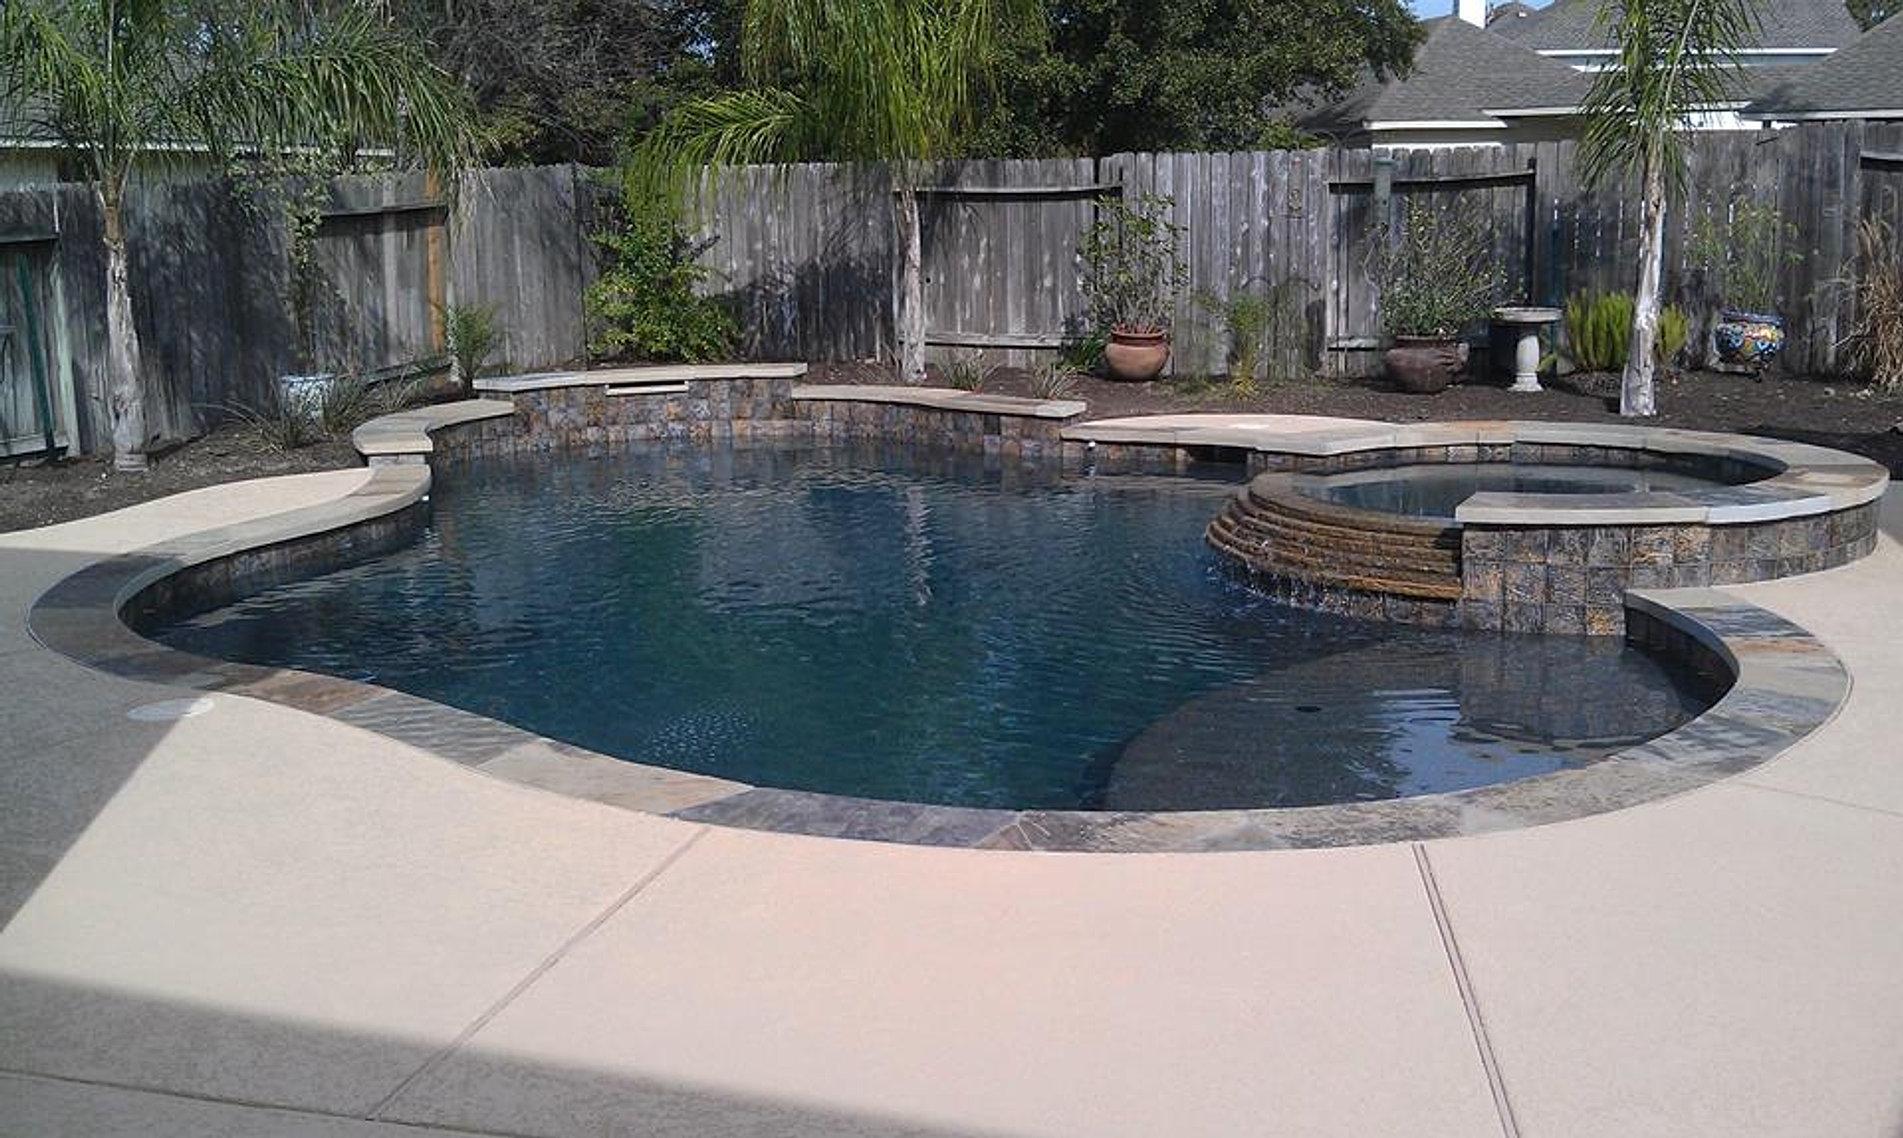 Swimming Pool Spray Deck : Houston pool builders ocean blue pools spray deck